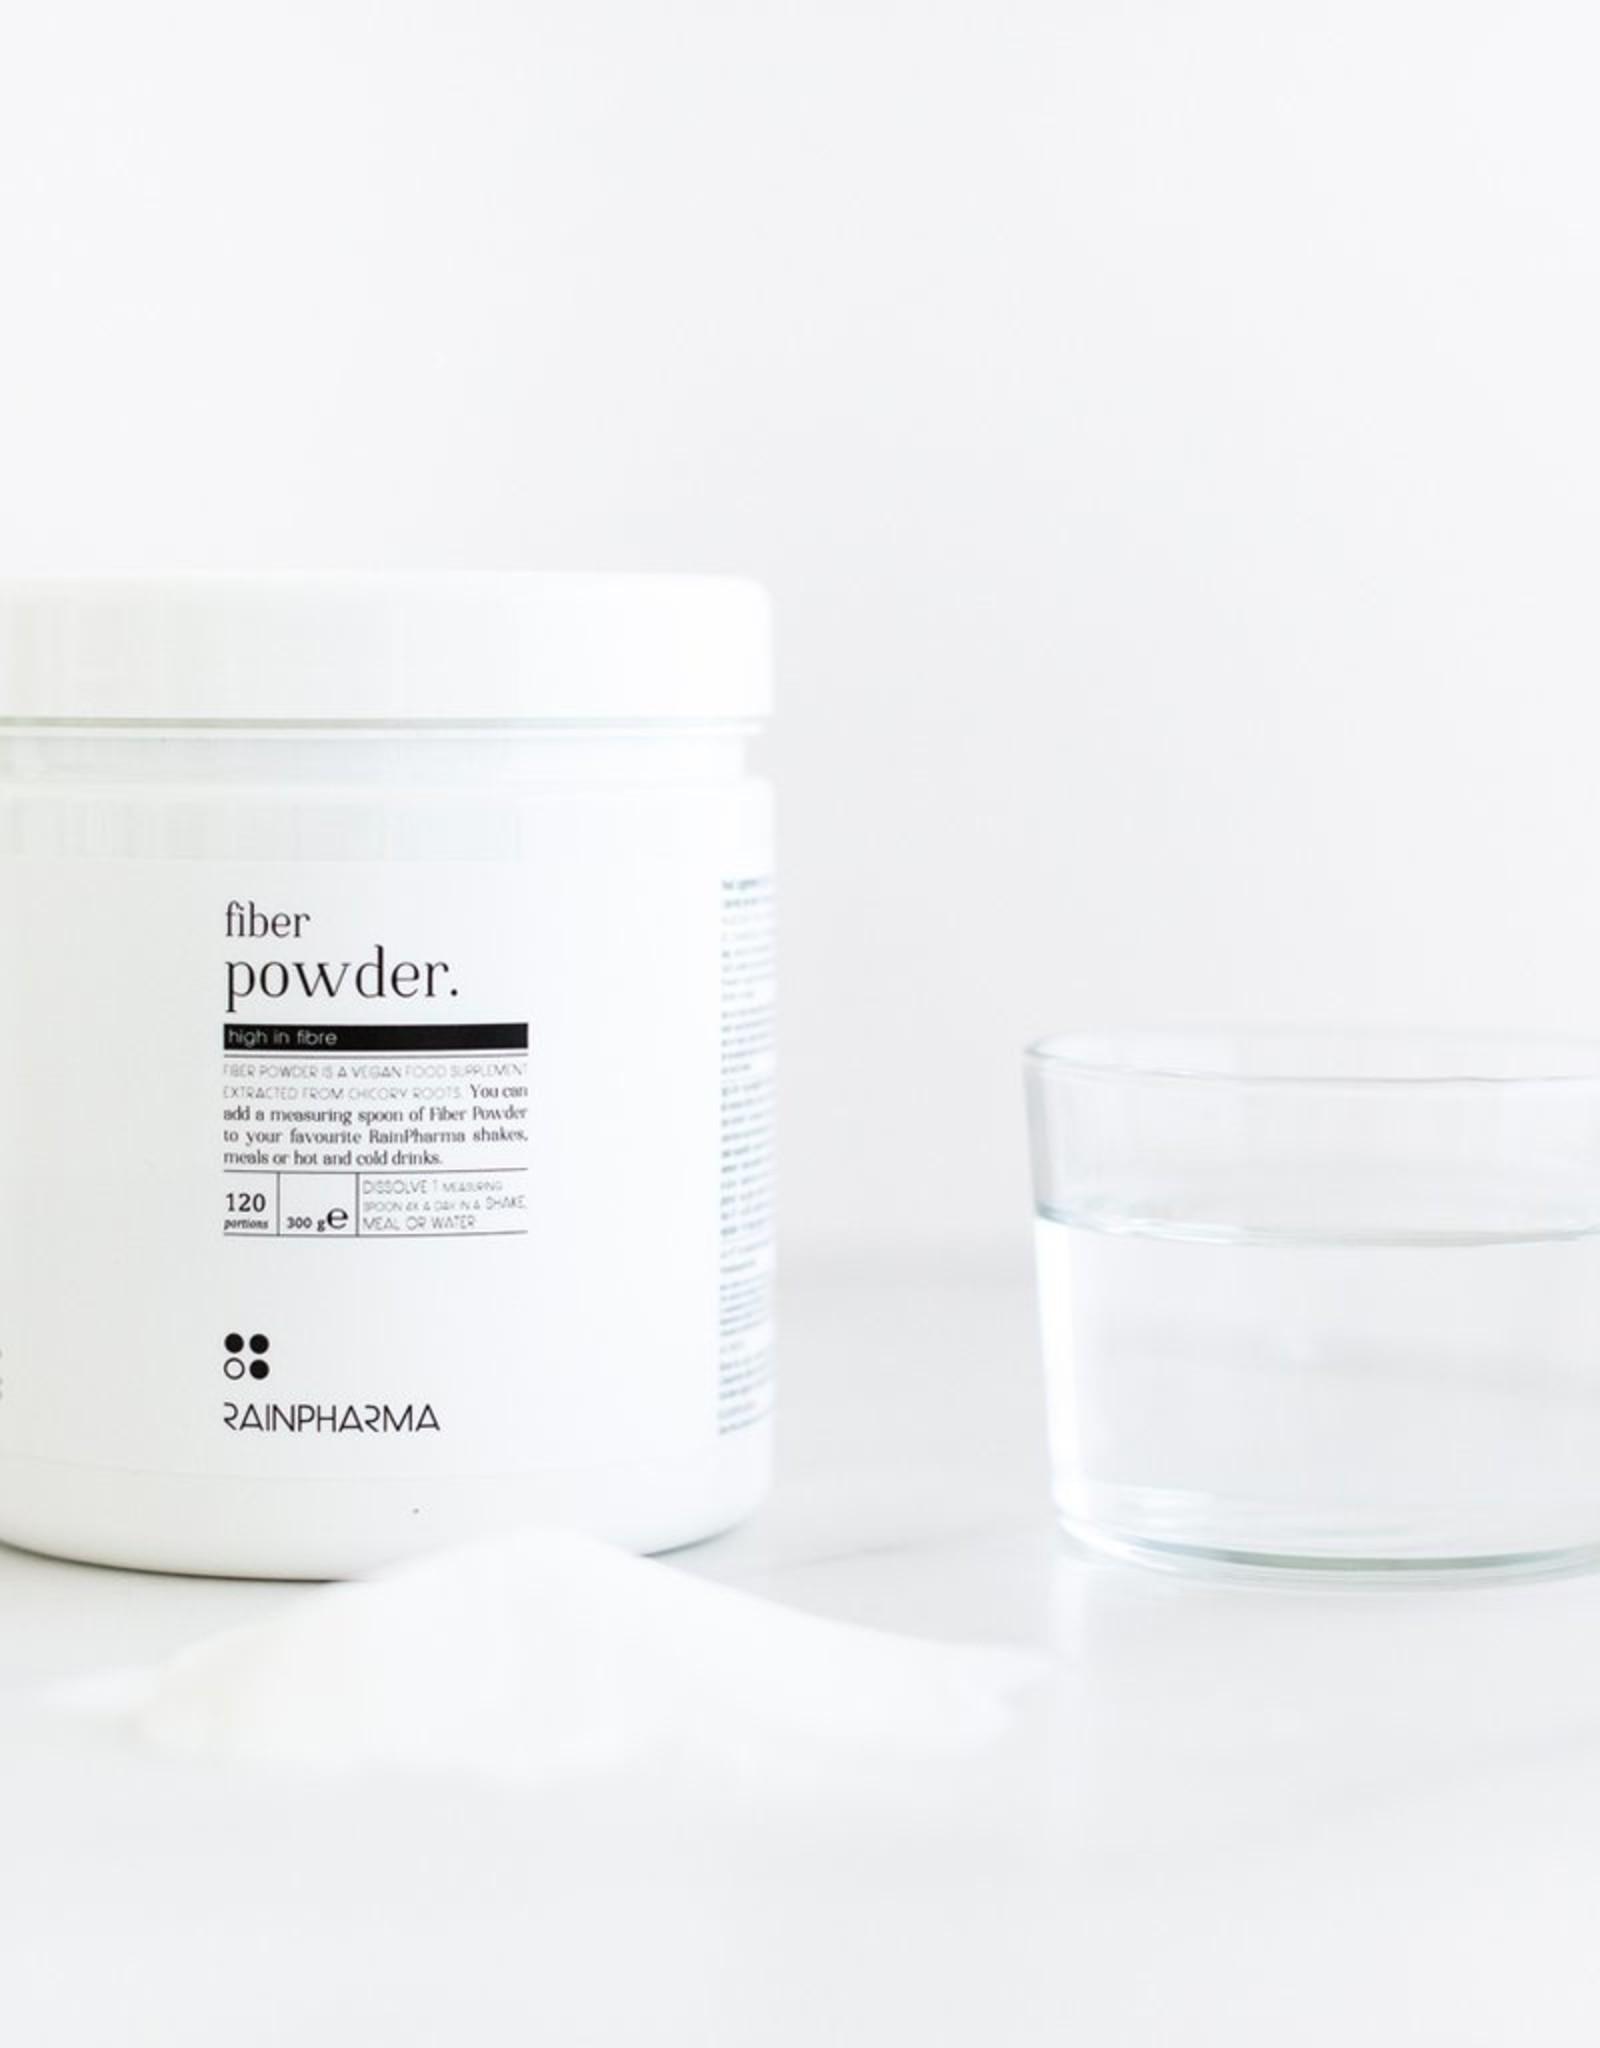 RainPharma Fiber Powder 300g - Rainpharma